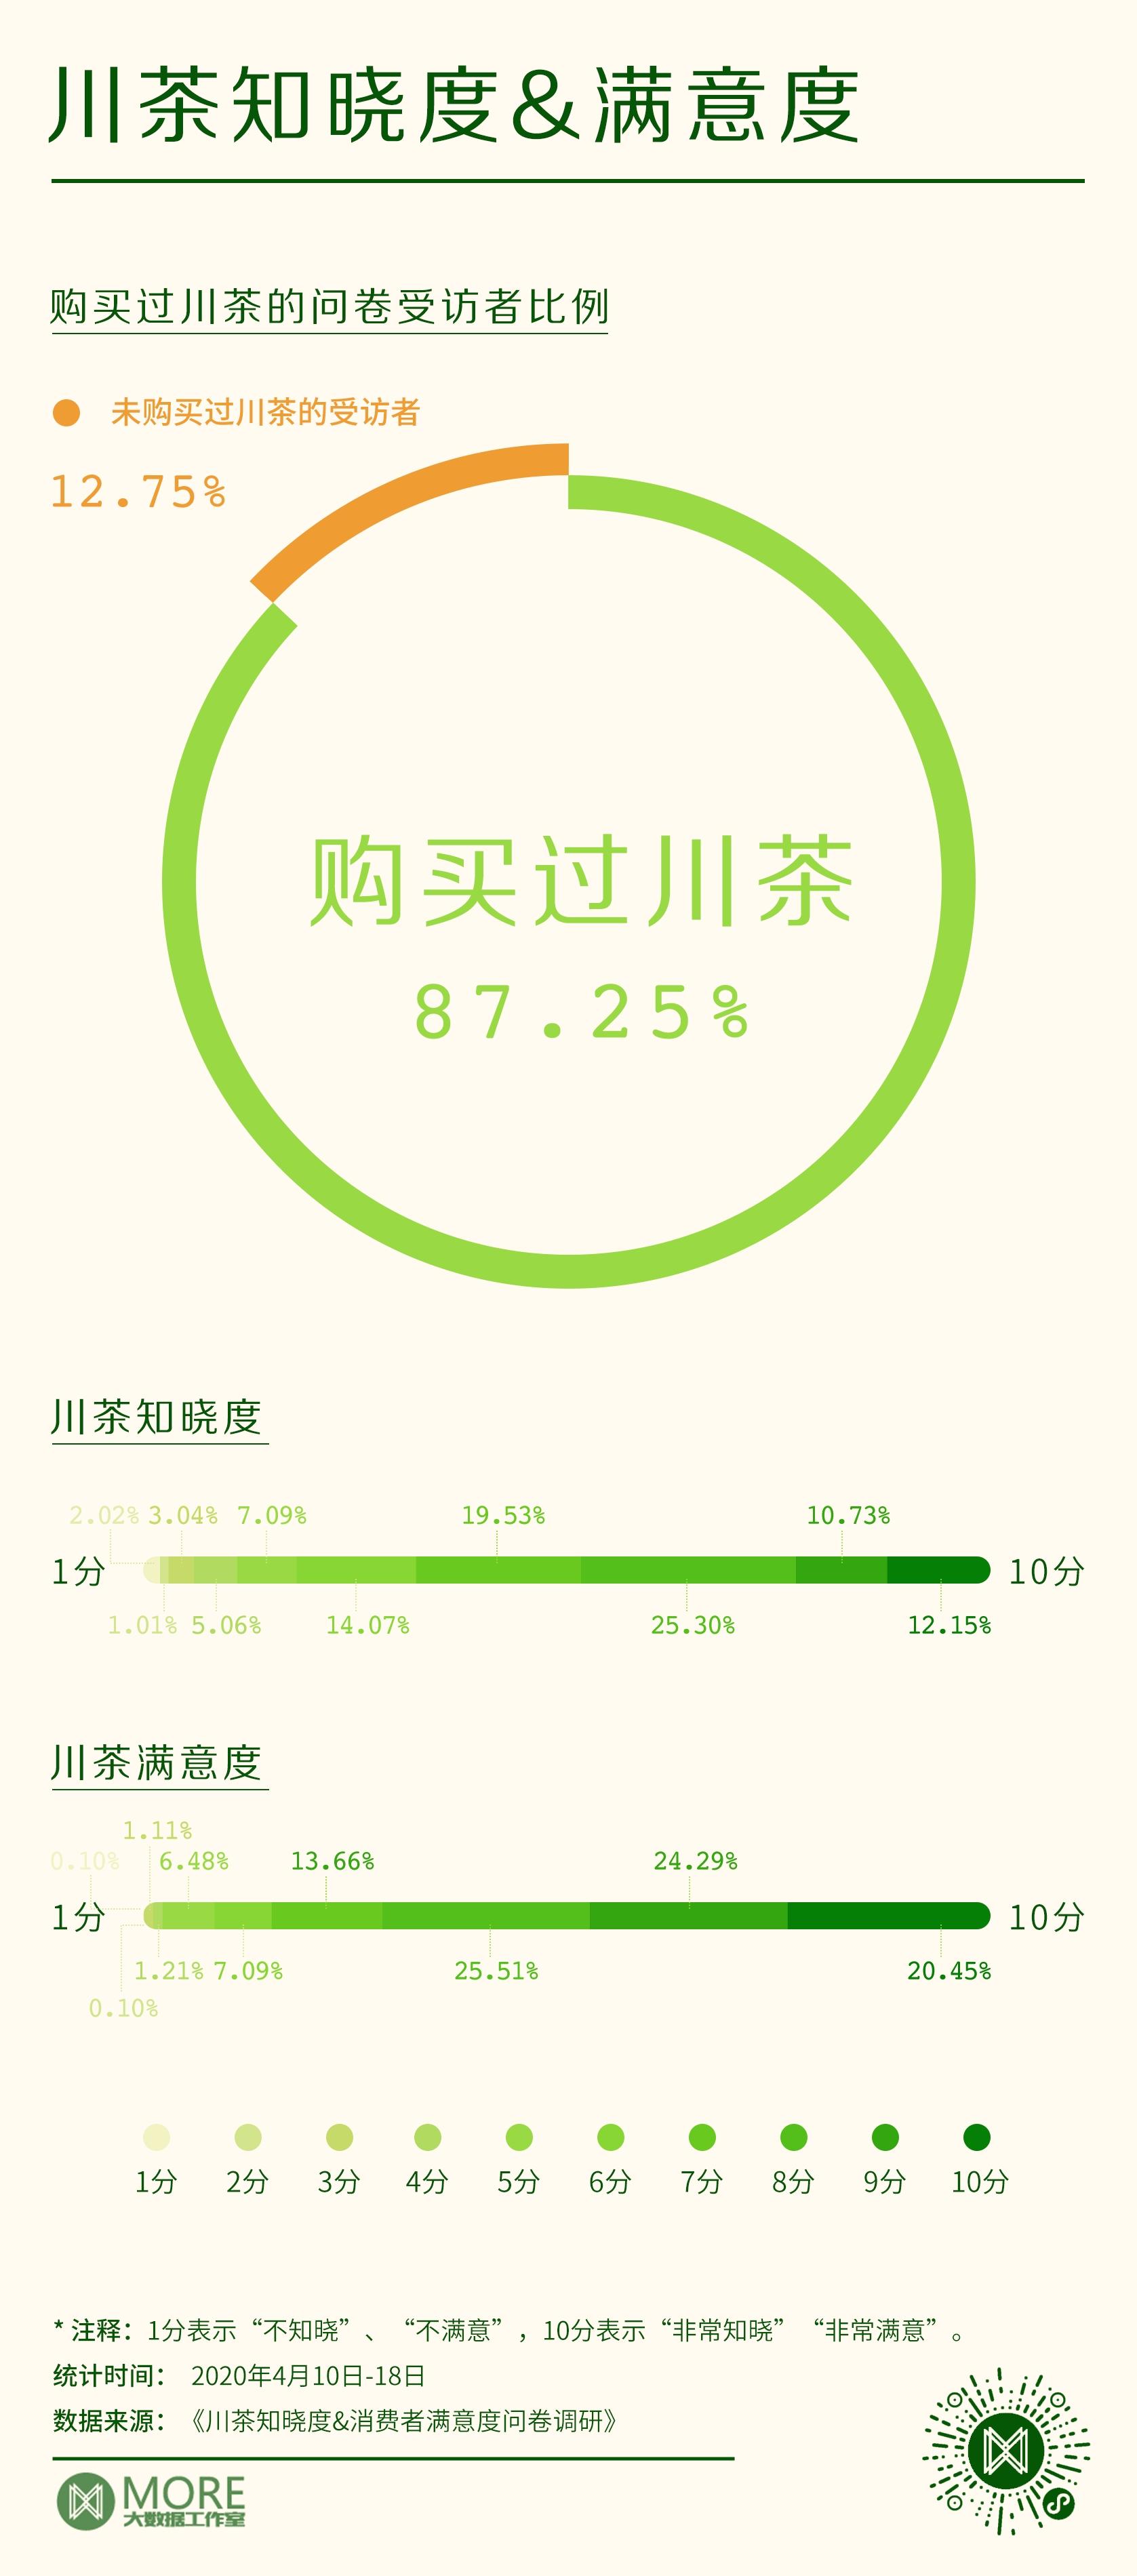 如何持续提升四川茶产业品牌竞争力?我们问卷调研了千位网友!